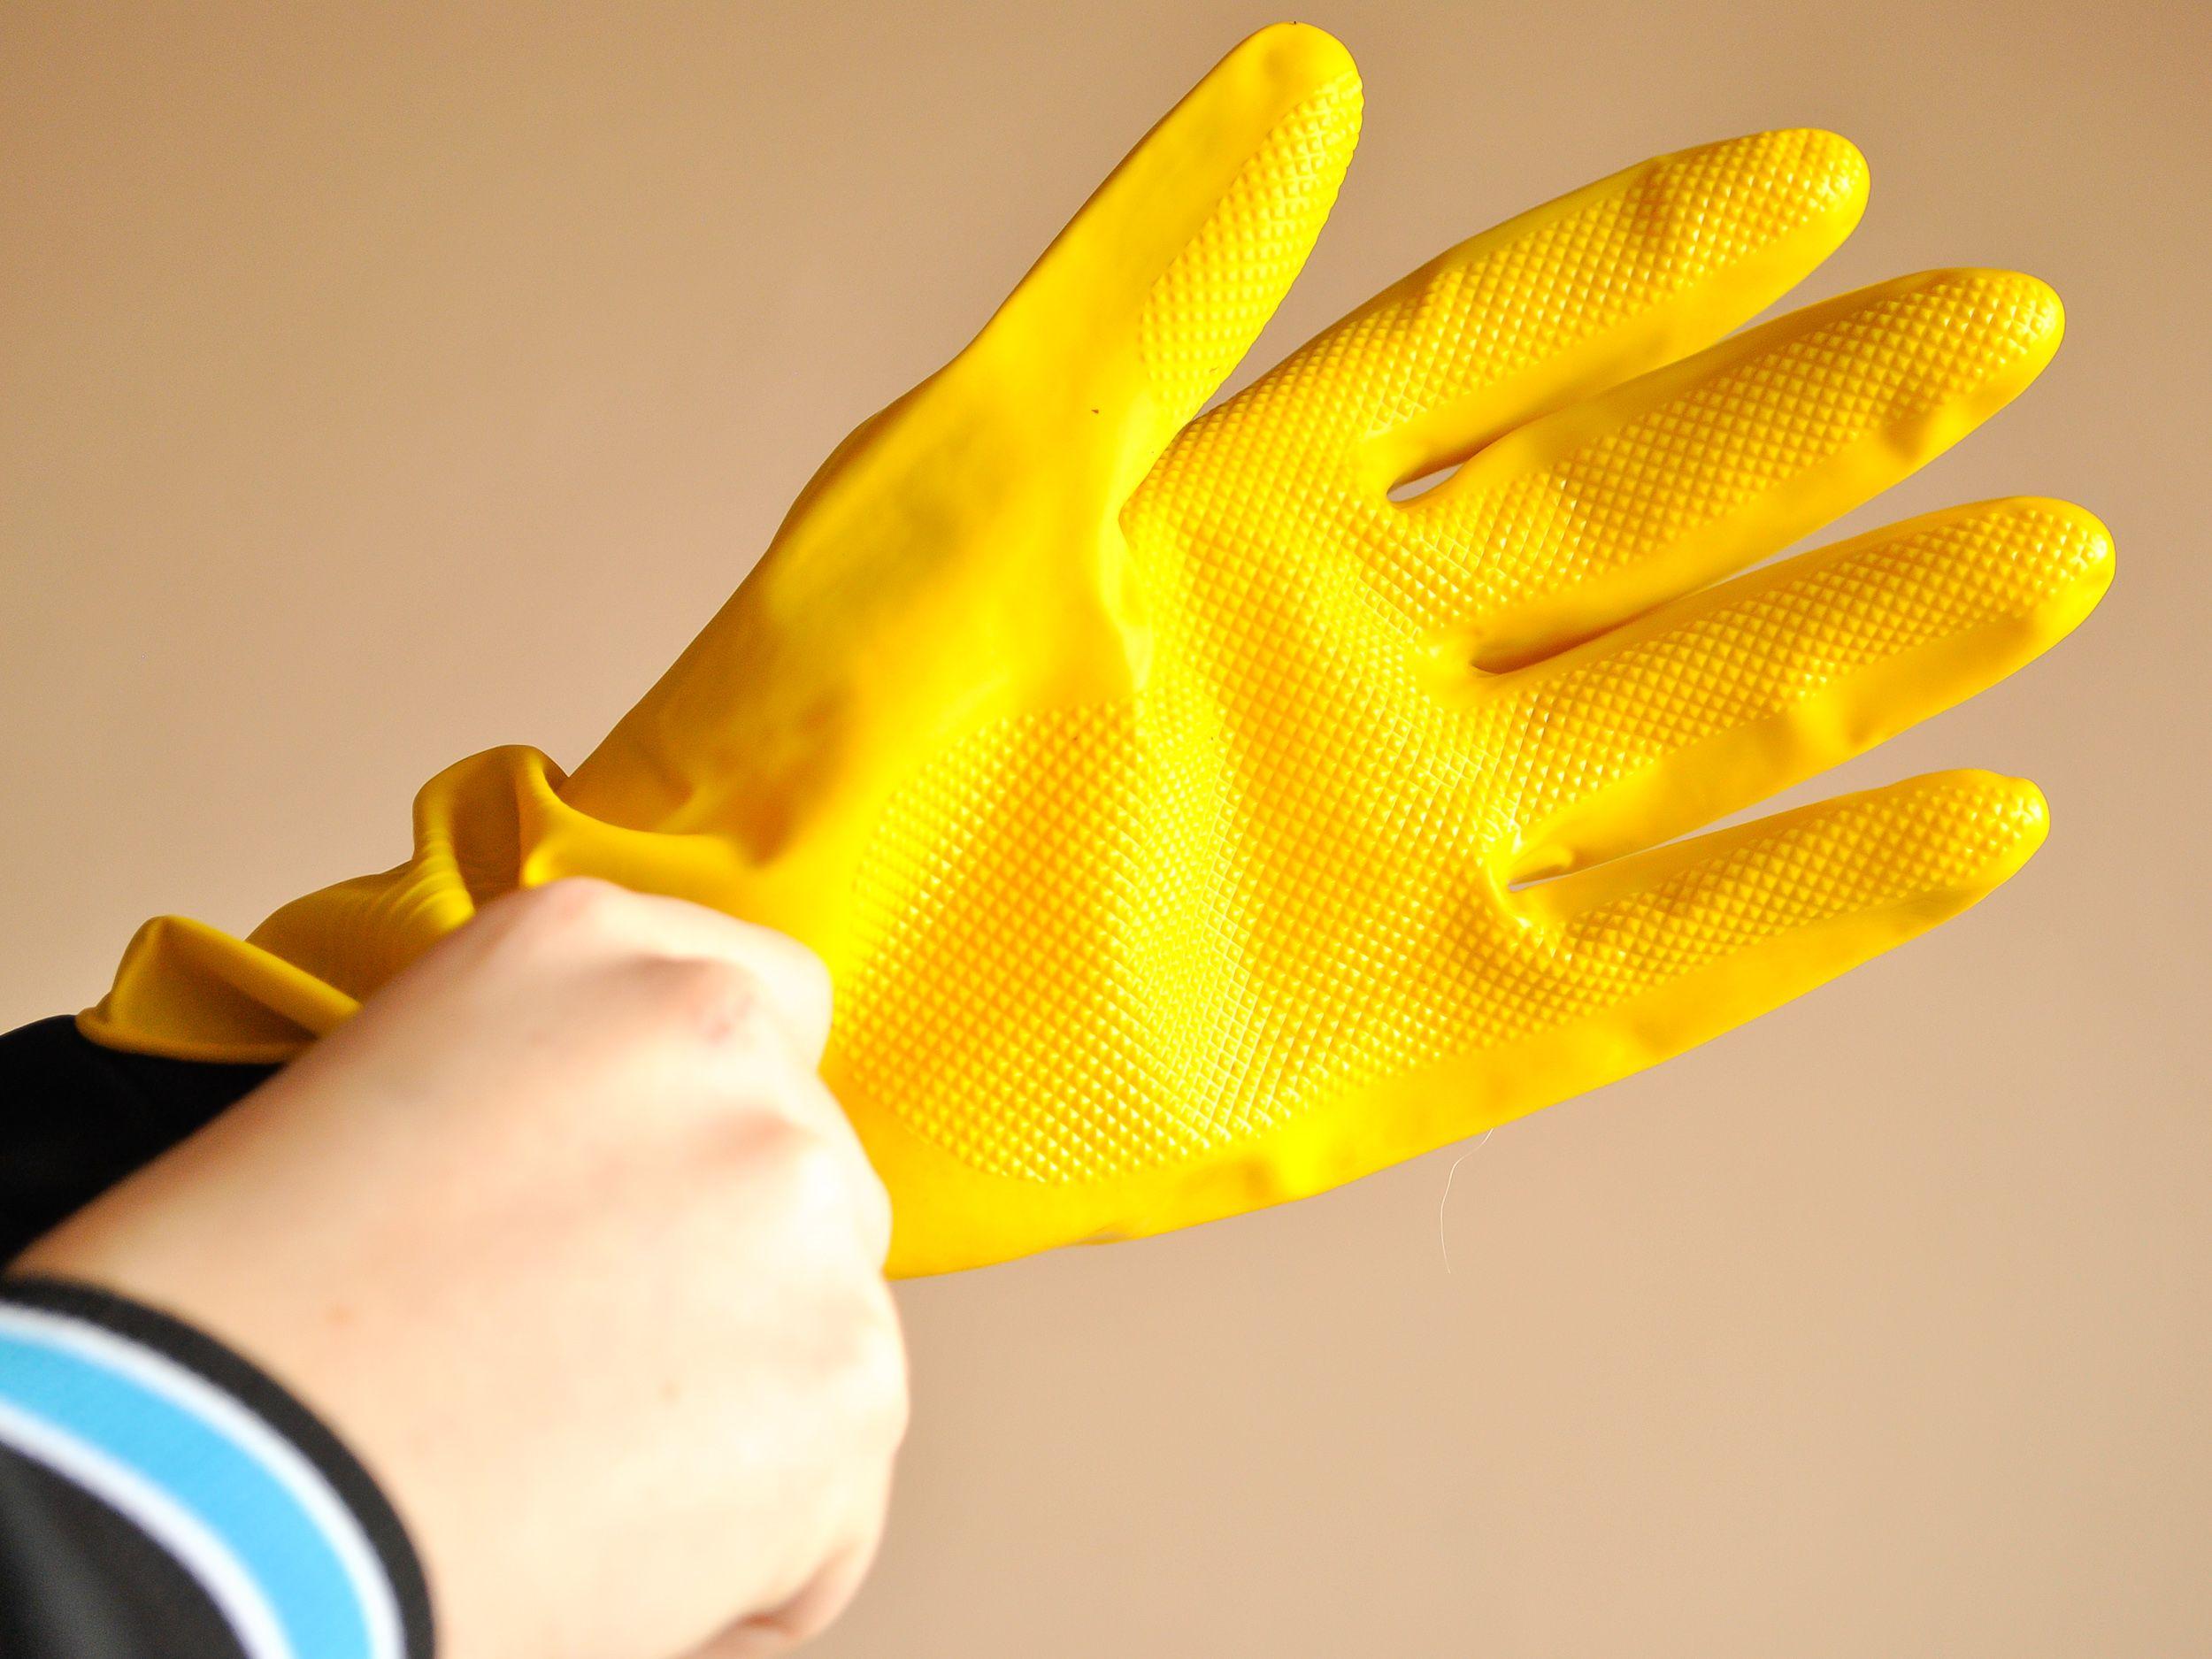 Резиновые перчатки обязательны при работе с сульфатом калия